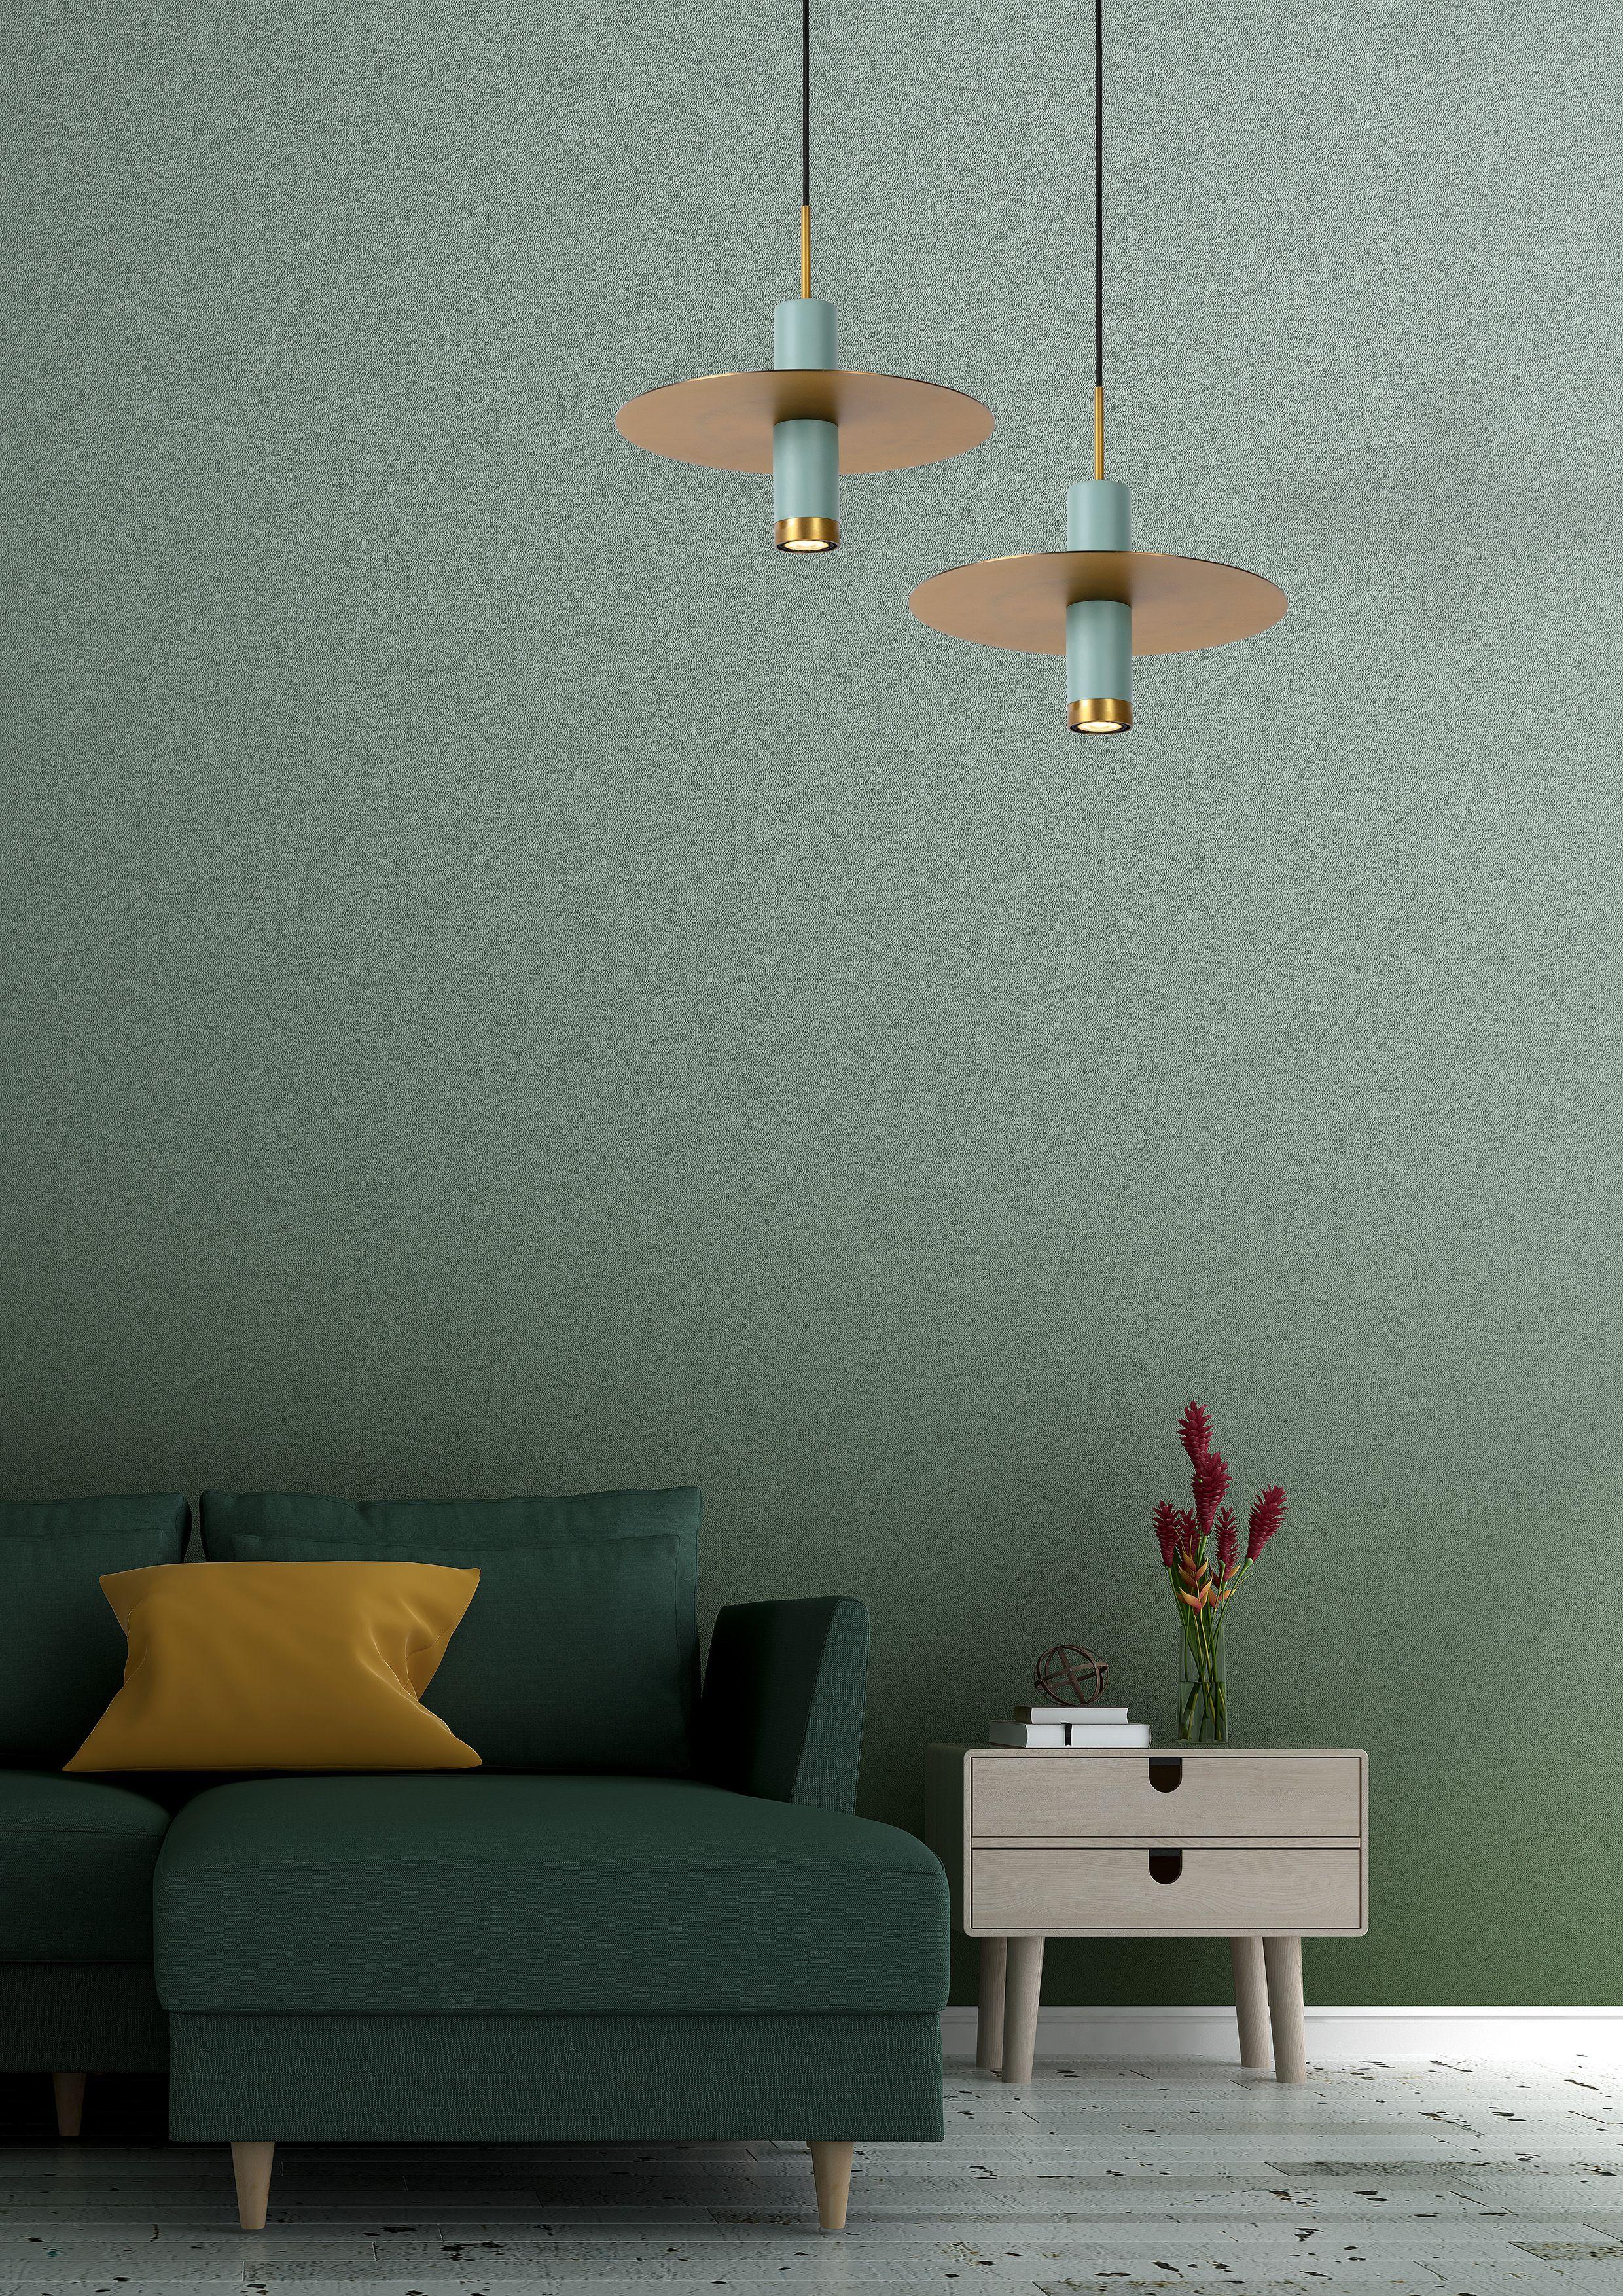 #lucide #selin #verlichting #l'éclairage #lighting #lamp #lampe #pendantlight #hanglamp #suspension #pendelleuchten #indoor #binnen #intérieur #innen